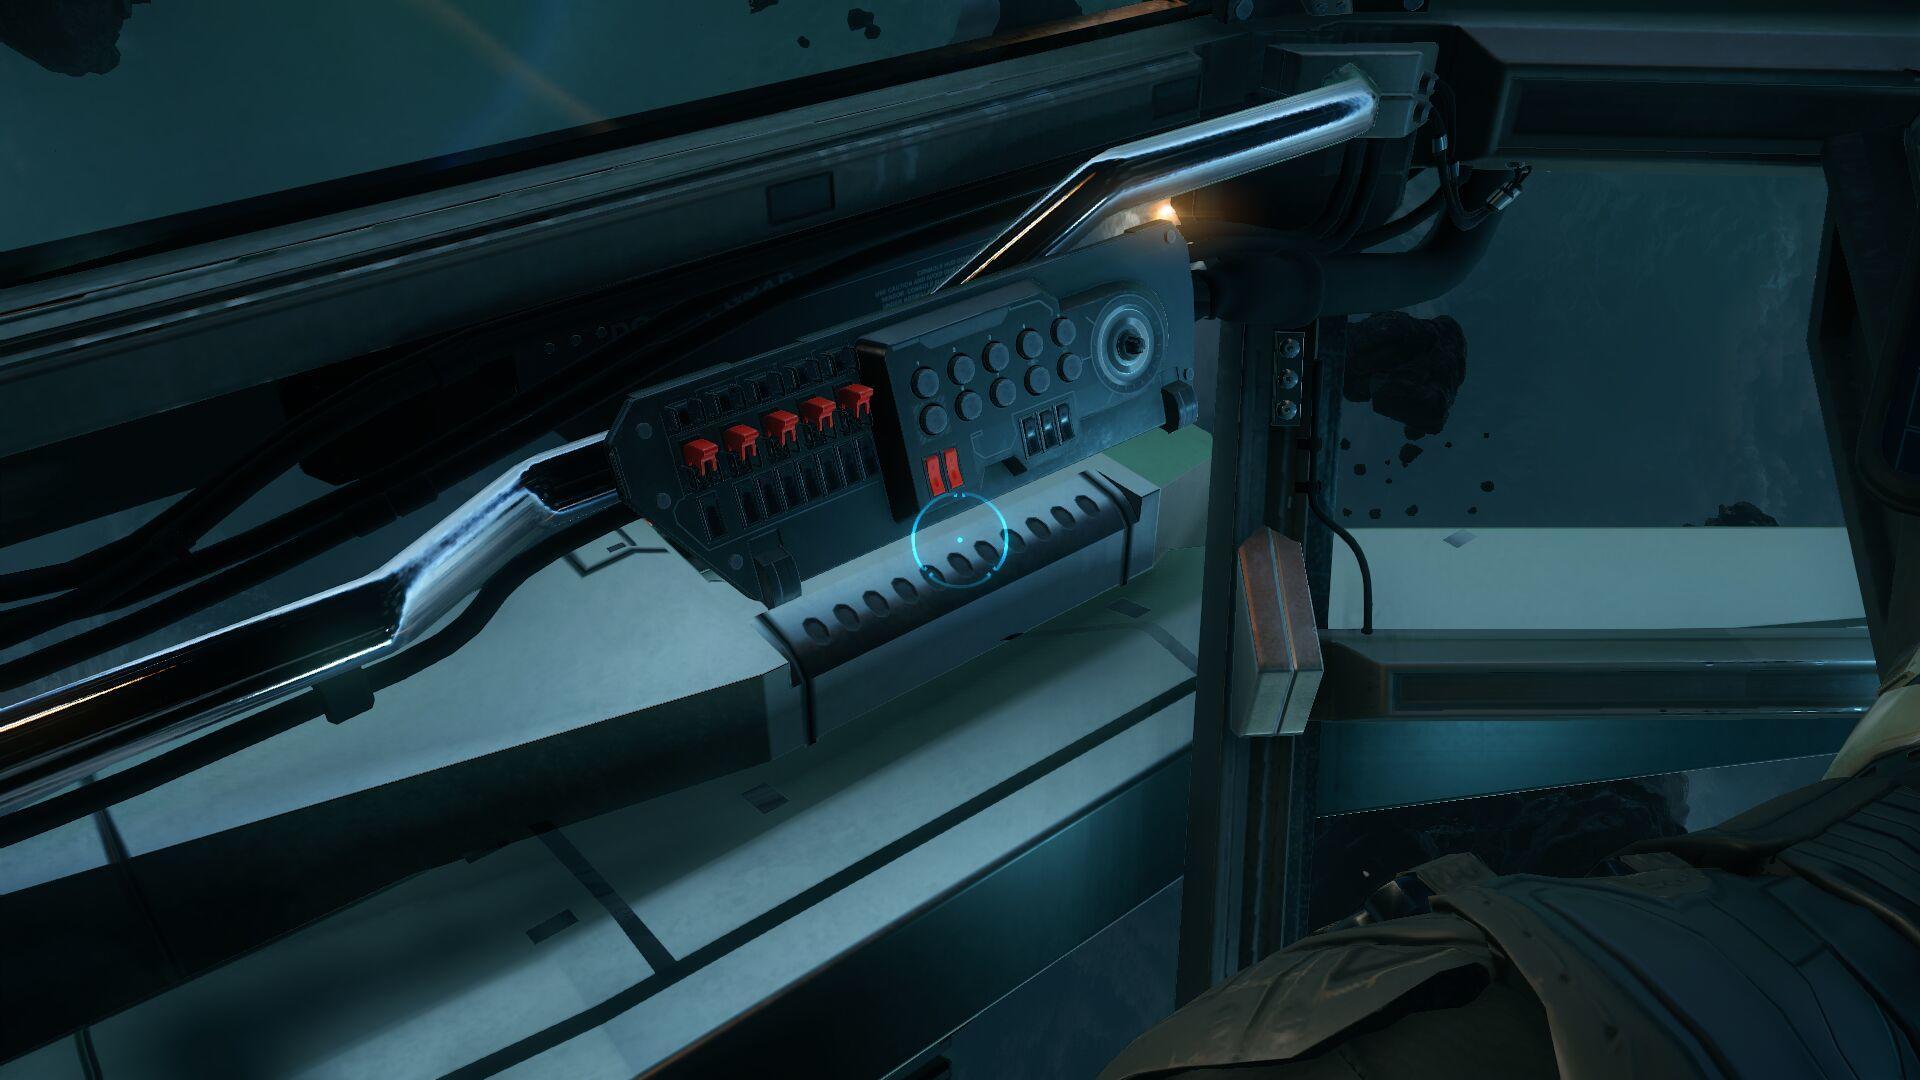 Wygląd wewnętrzny - kokpit - lewy panel przełączników